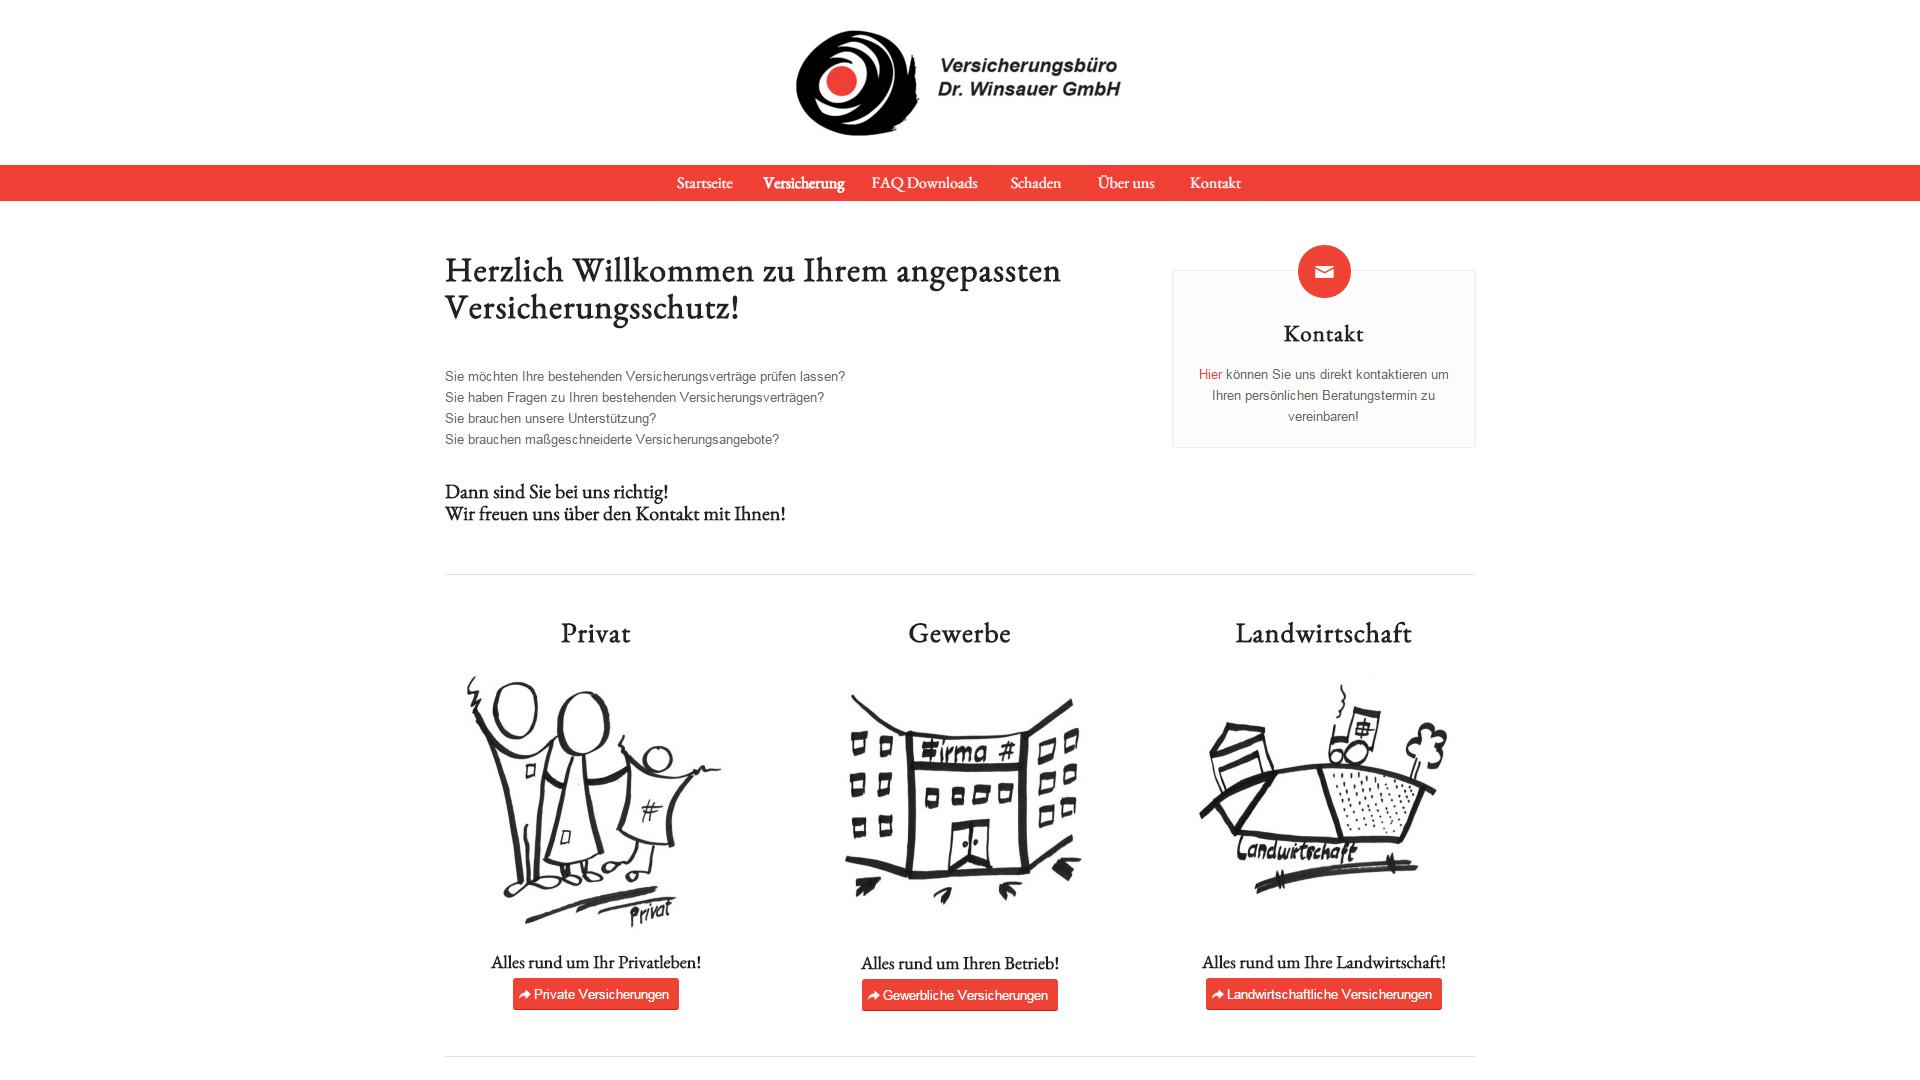 Website für das Versicherungsbüro Dr. Winsauer